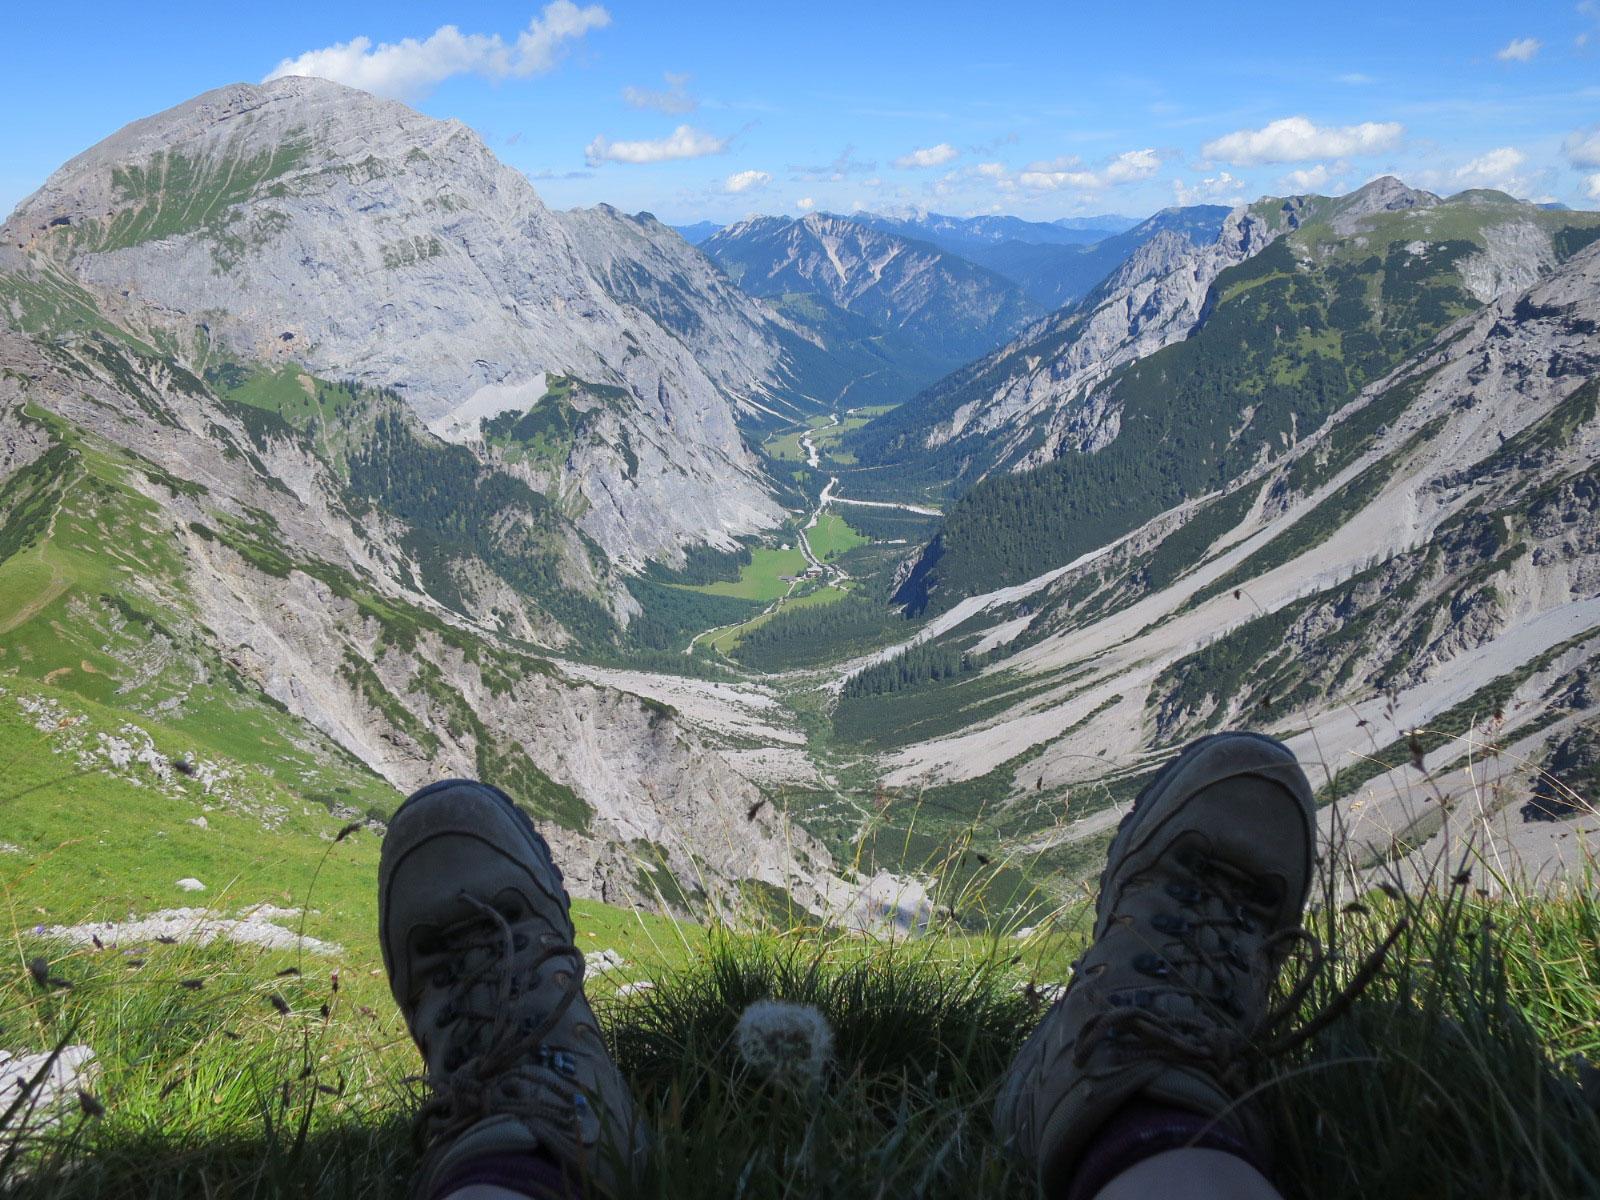 munichmountaingirls-bergblog-muenchen-julia-eisenhardt-wandern-karwendel-blick-aussicht-wanderung